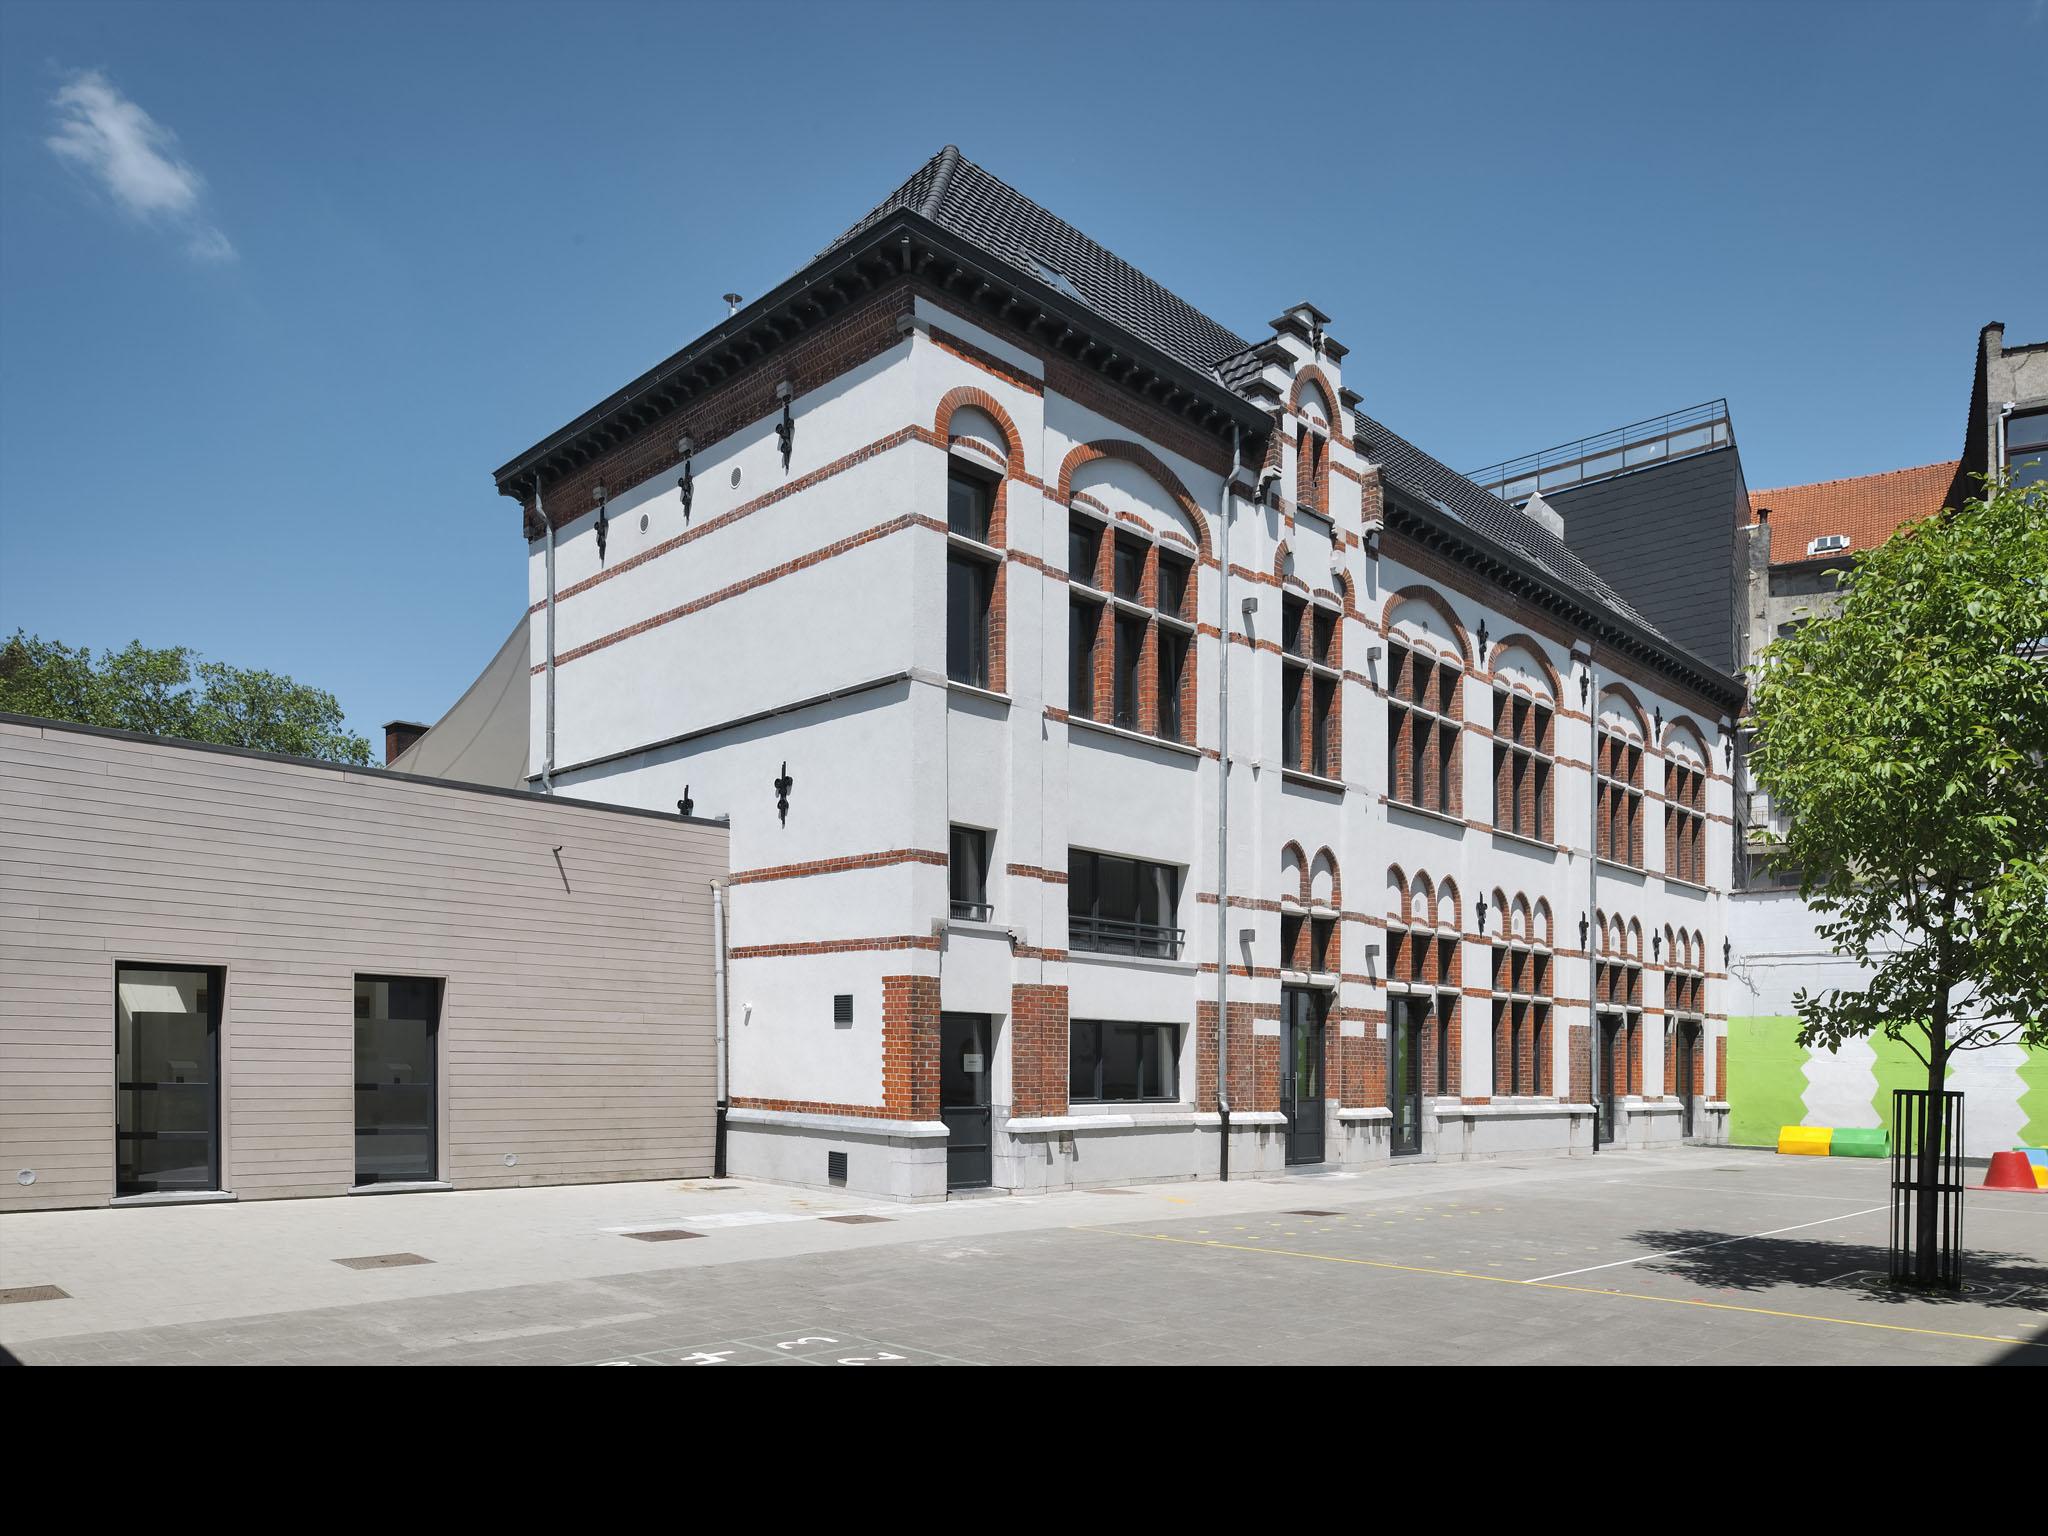 Basisschool Heilige Familie - gebouw 1 - Schaarbeek